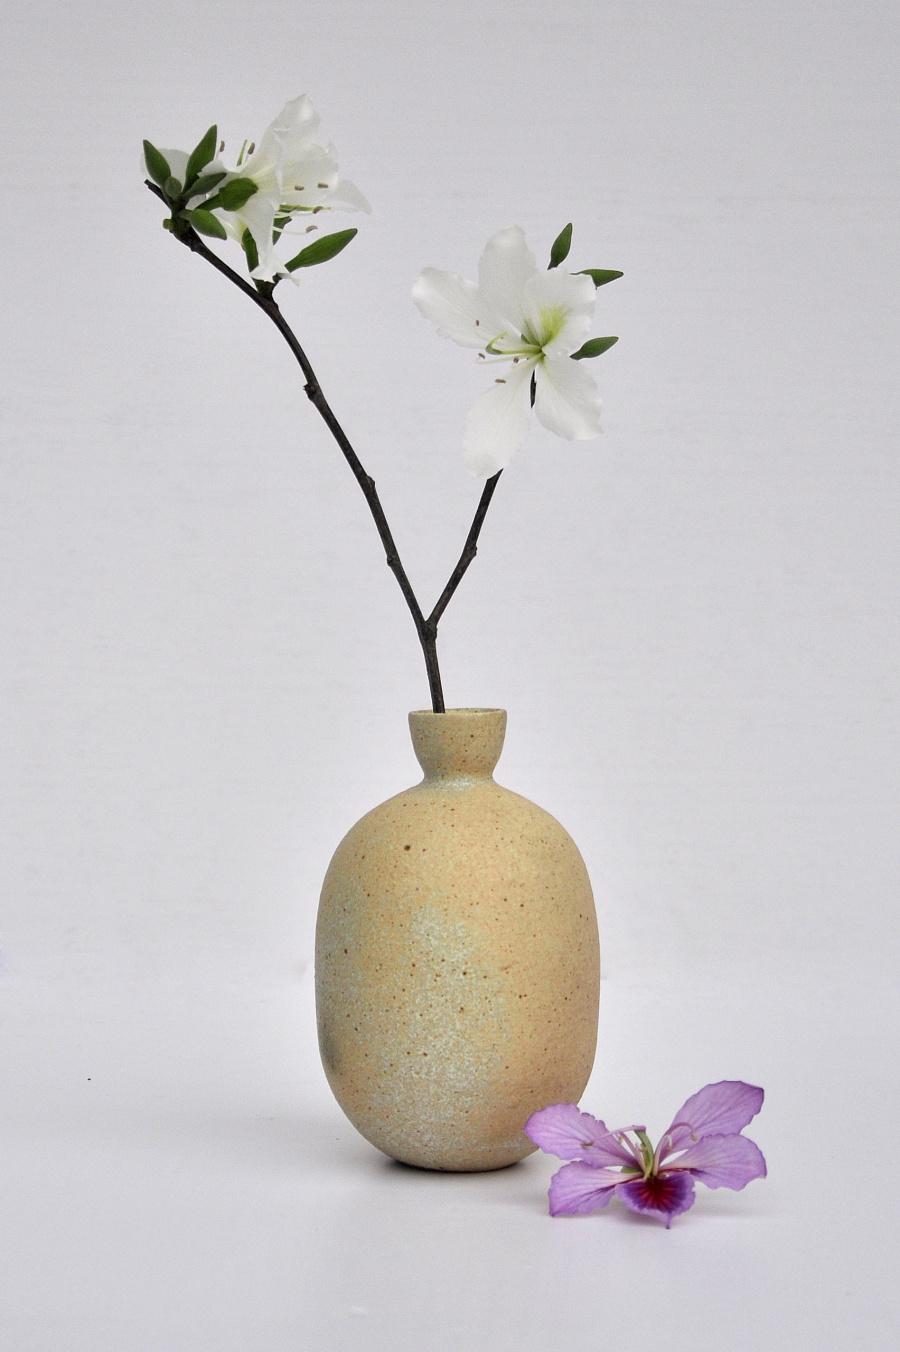 纯手工陶艺生活器皿,一壶一世界|工艺品设计|手工艺图片